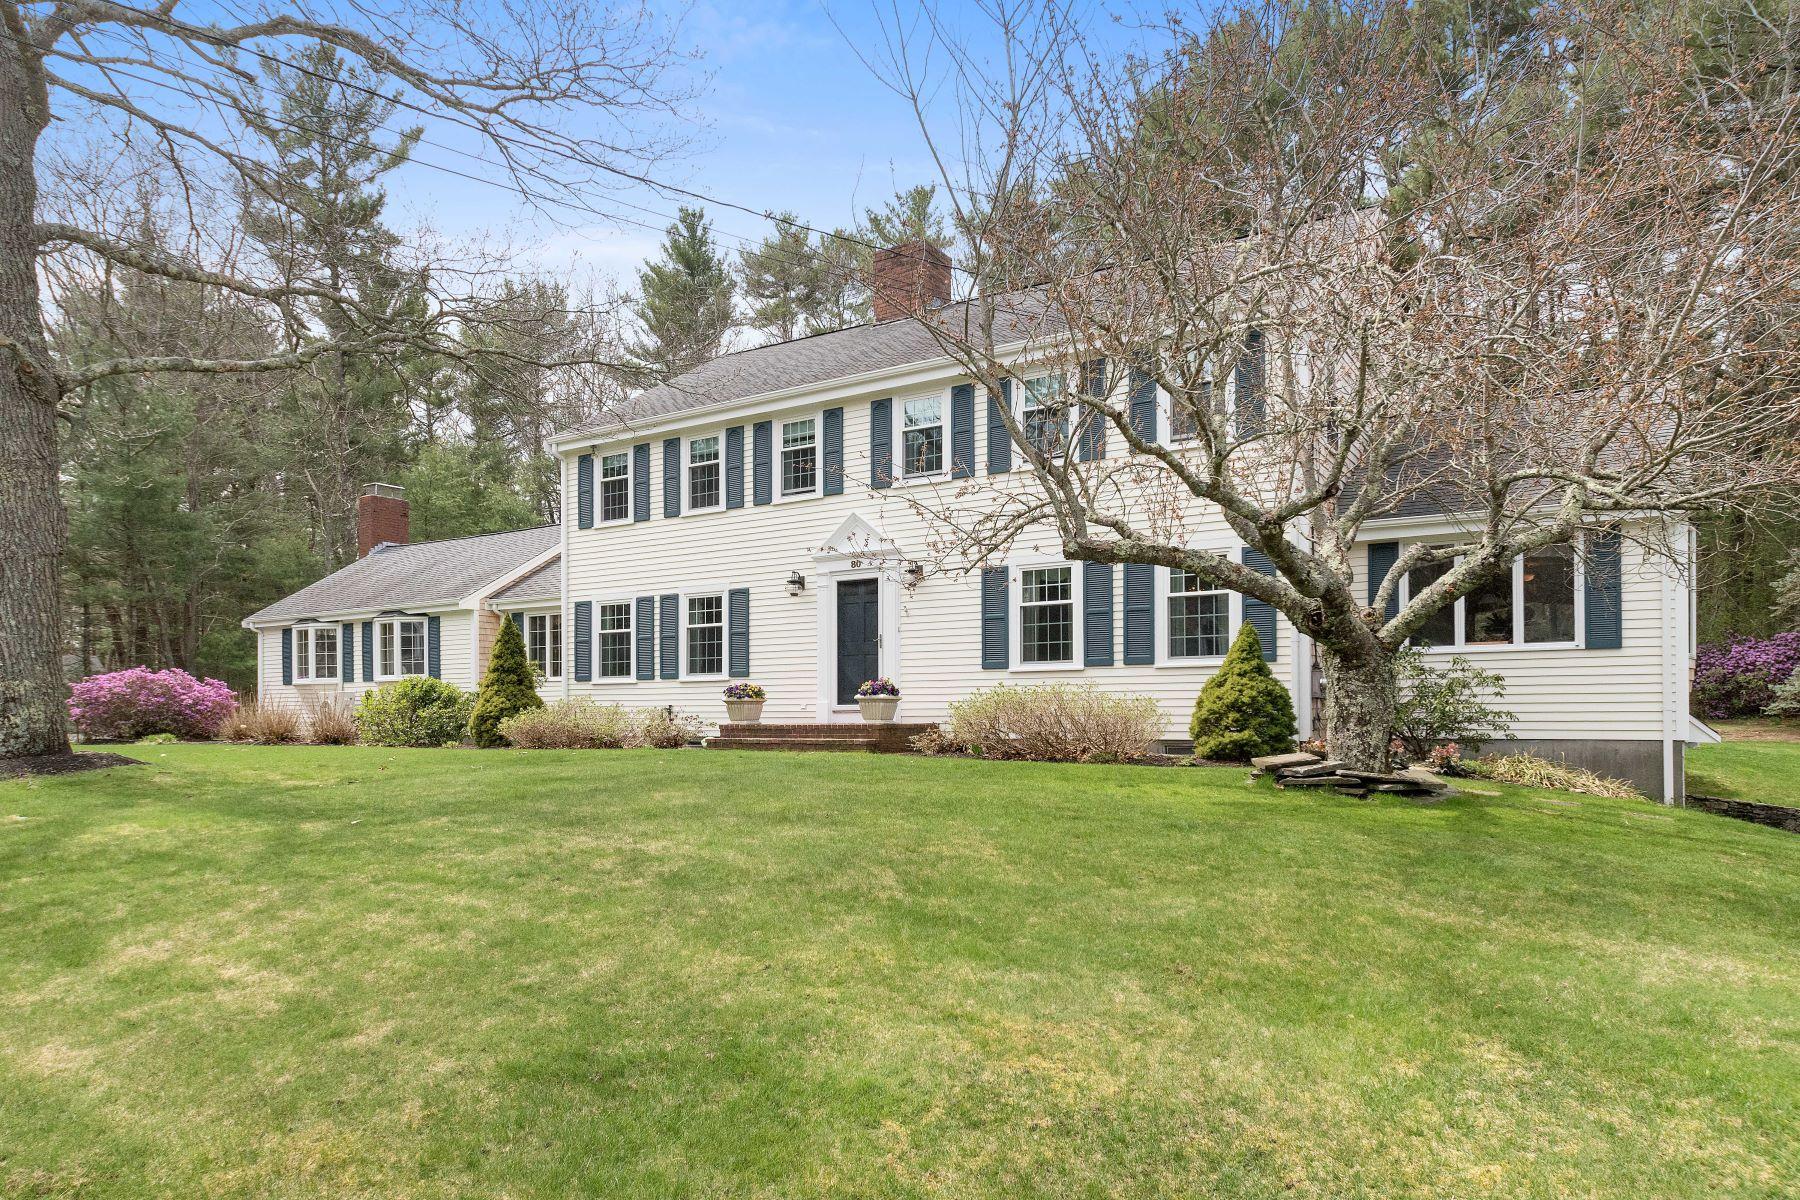 Casa Unifamiliar por un Venta en Stately Colonial in Quiet Neighborhood 80 Flint Locke Drive Duxbury, Massachusetts, 02332 Estados Unidos